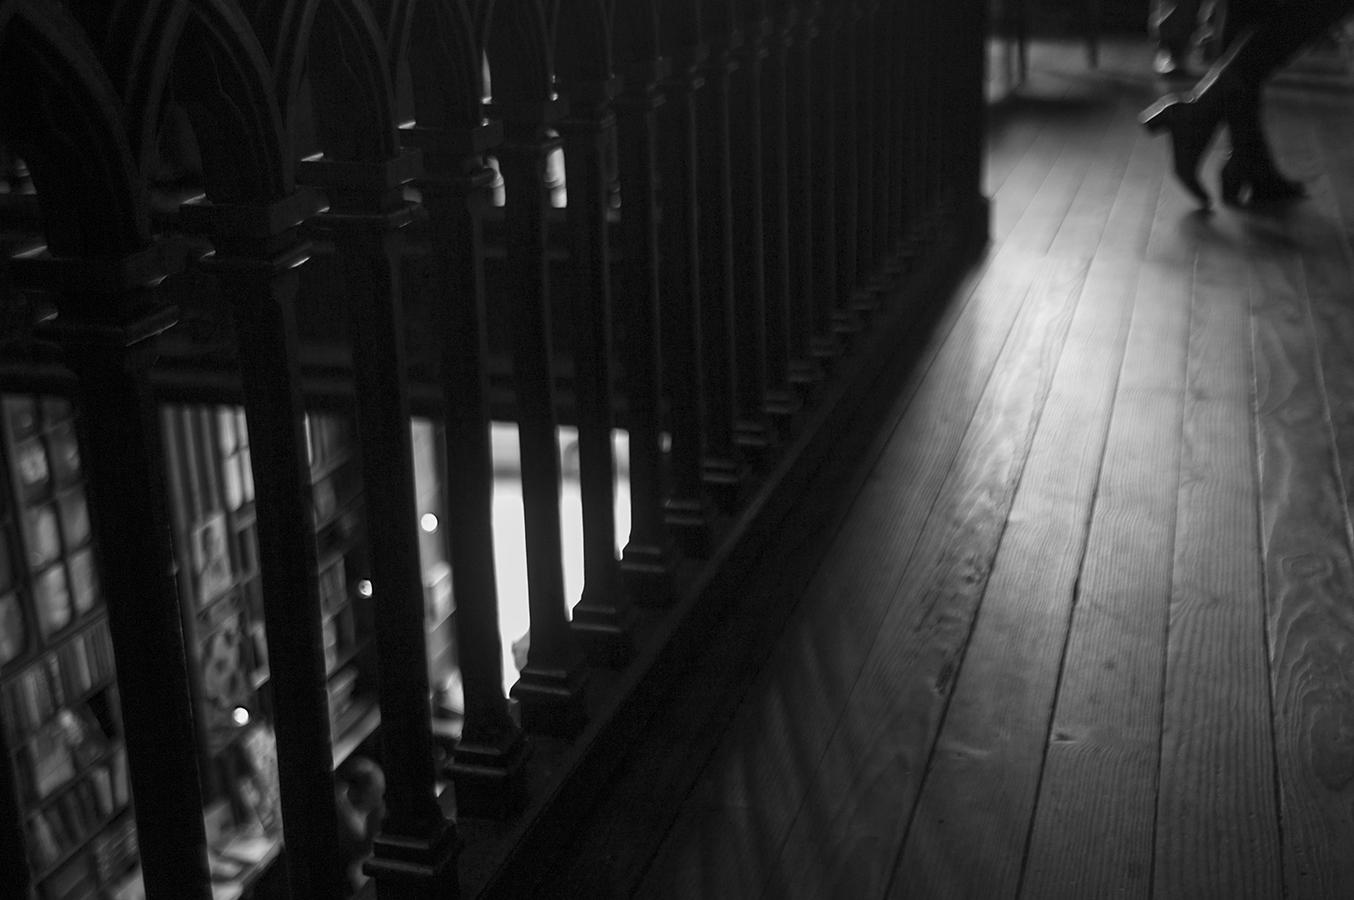 Sombras en calma | 2015 | Livraria Lello e Irmão - Oporto, Portugal - Quiet shadows | 2015 | Livraria Lello e Irmão - Porto, Portugal - Miguel Naya | Photography